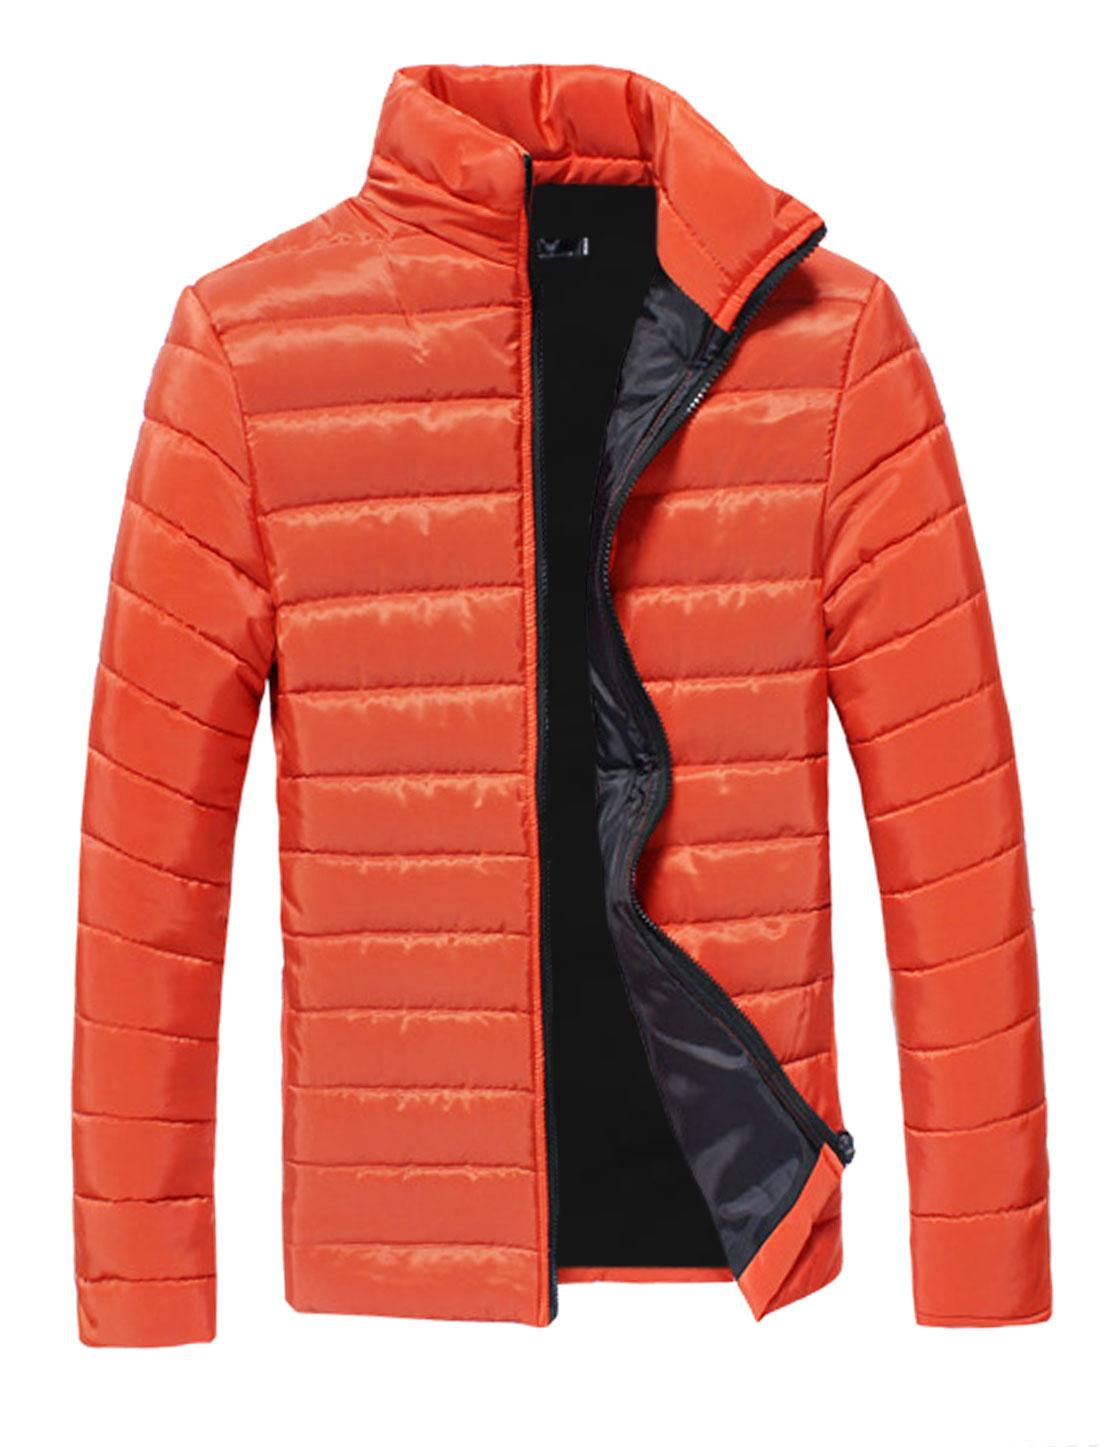 Men Orange Zip Fly Slim Fit Full Sleeves Leisure Padded Coat S